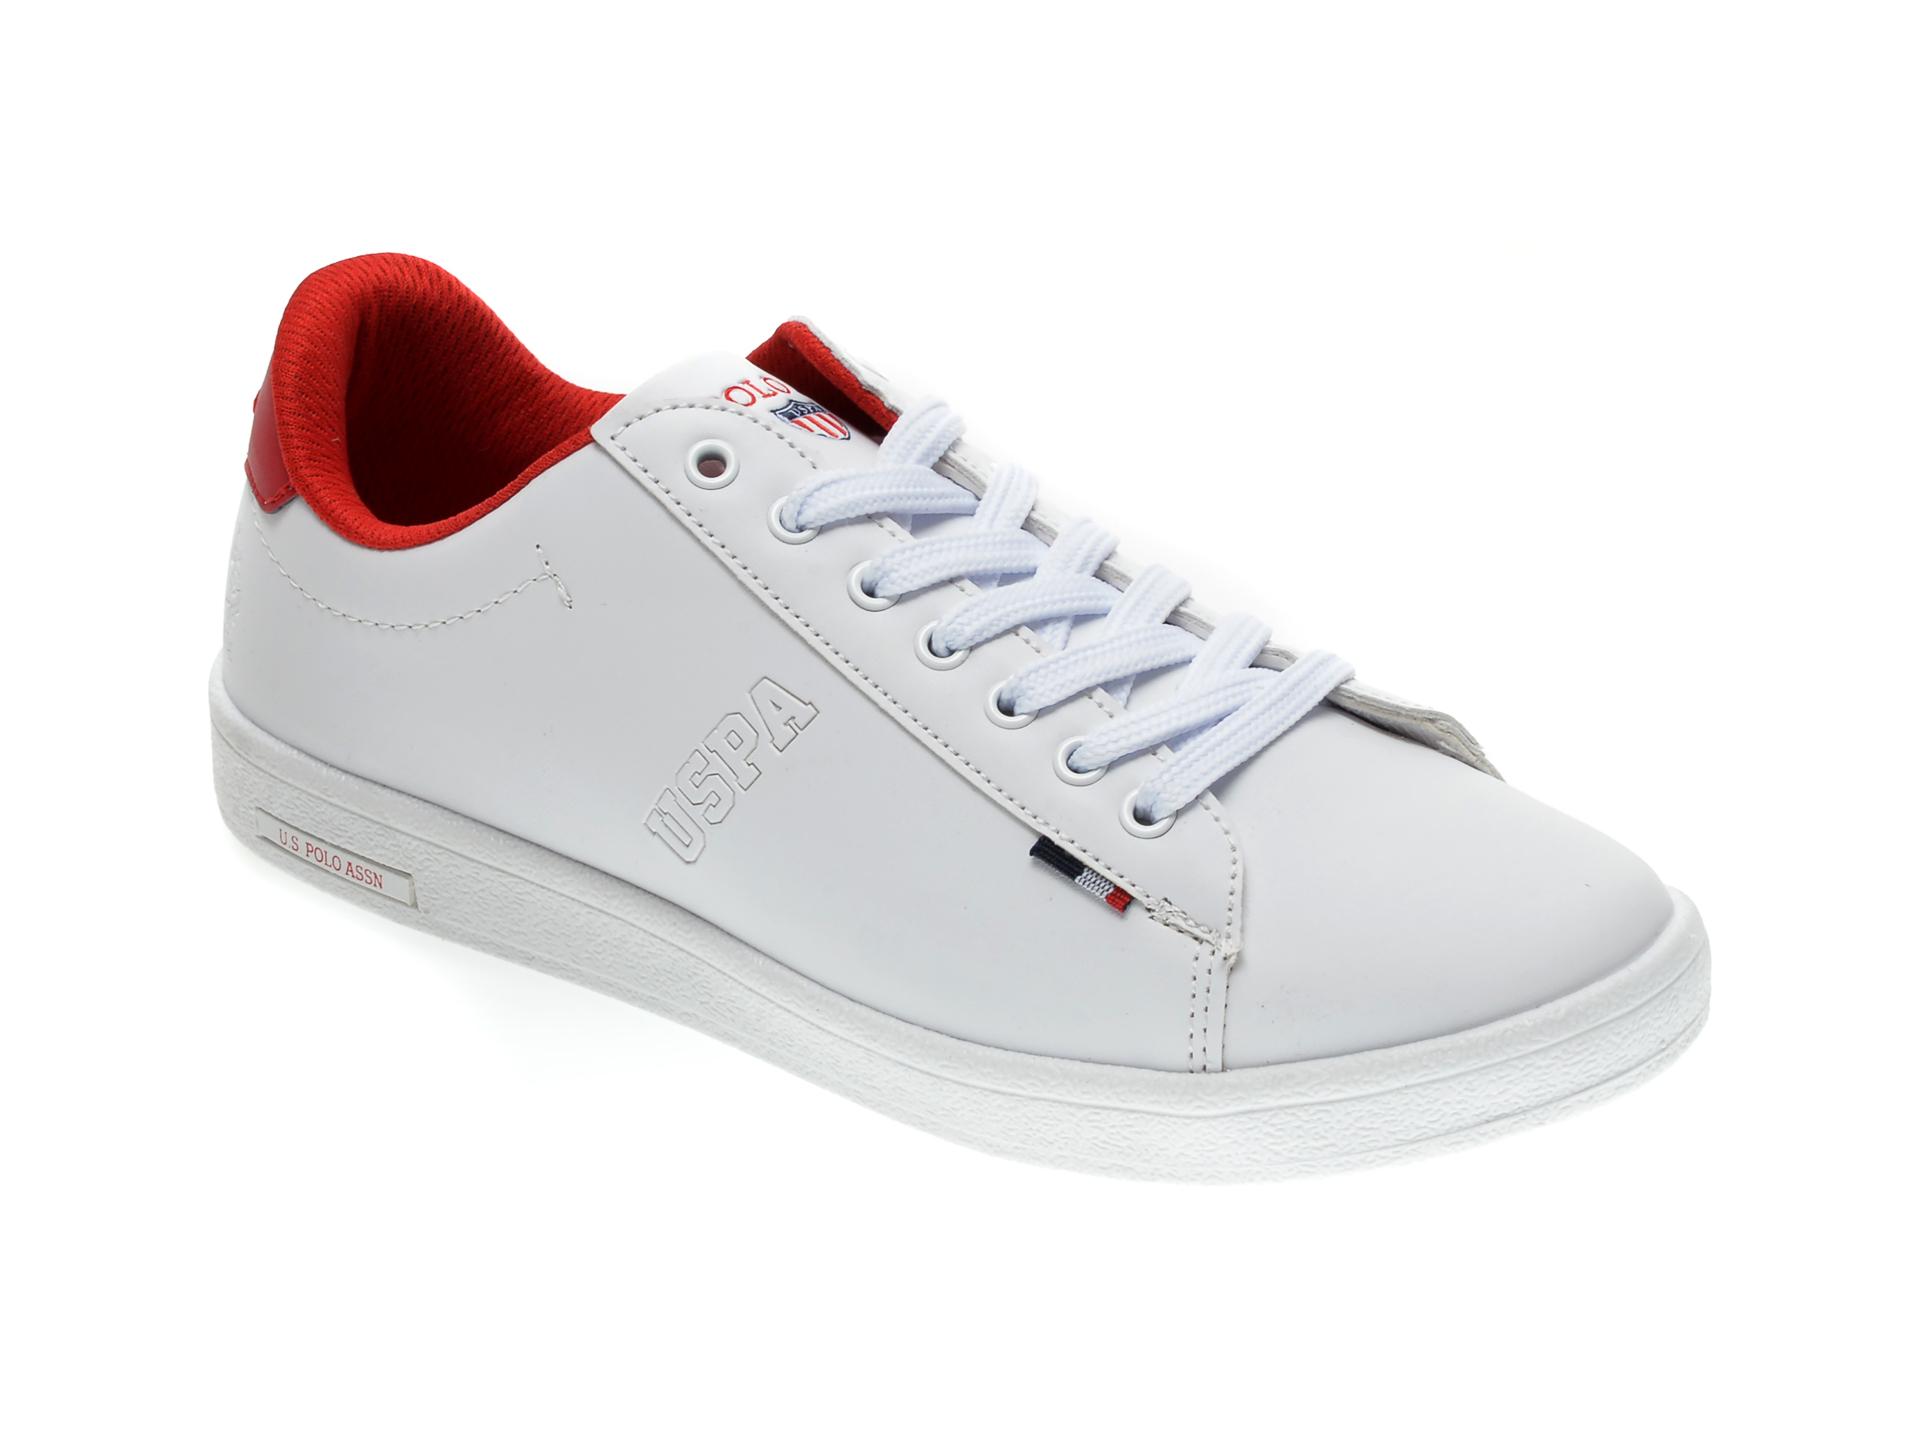 Pantofi sport US POLO ASSN albi, 327264, din piele ecologica imagine